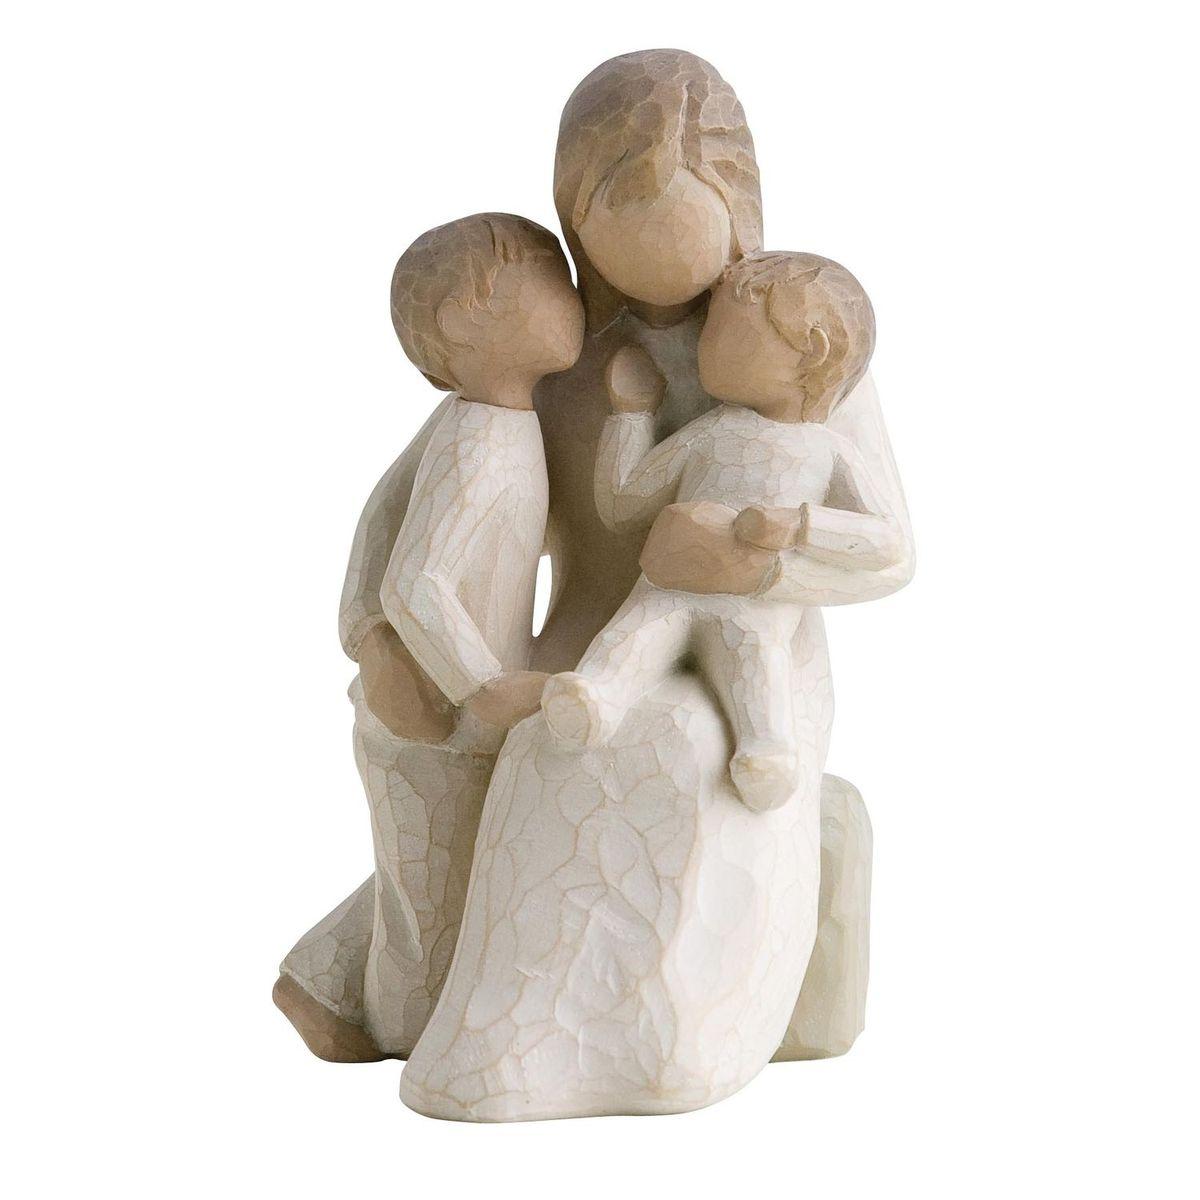 Фигурка декоративная Willow Tree Спокойствие, высота 13,5 см119894Декоративная фигурка Willow Tree создана канадским скульптором Сьюзан Лорди. Фигурка выполнена из искусственного камня (49% карбонат кальция мелкозернистой разновидности, 51% искусственный камень).Фигурка Willow Tree – это настоящее произведение искусства, образная скульптура в миниатюре, изображающая эмоции и чувства, которые помогают чувствовать себя ближе к другим, верить в мечту, выражать любовь.Фигурка помещена в красивую упаковку.Купить такой оригинальный подарок, значит не только украсить интерьер помещения или жилой комнаты, но выразить свое глубокое отношение к любимому человеку. Этот прекрасный сувенир будет лучшим подарком на день ангела, именины, день рождения, юбилей.